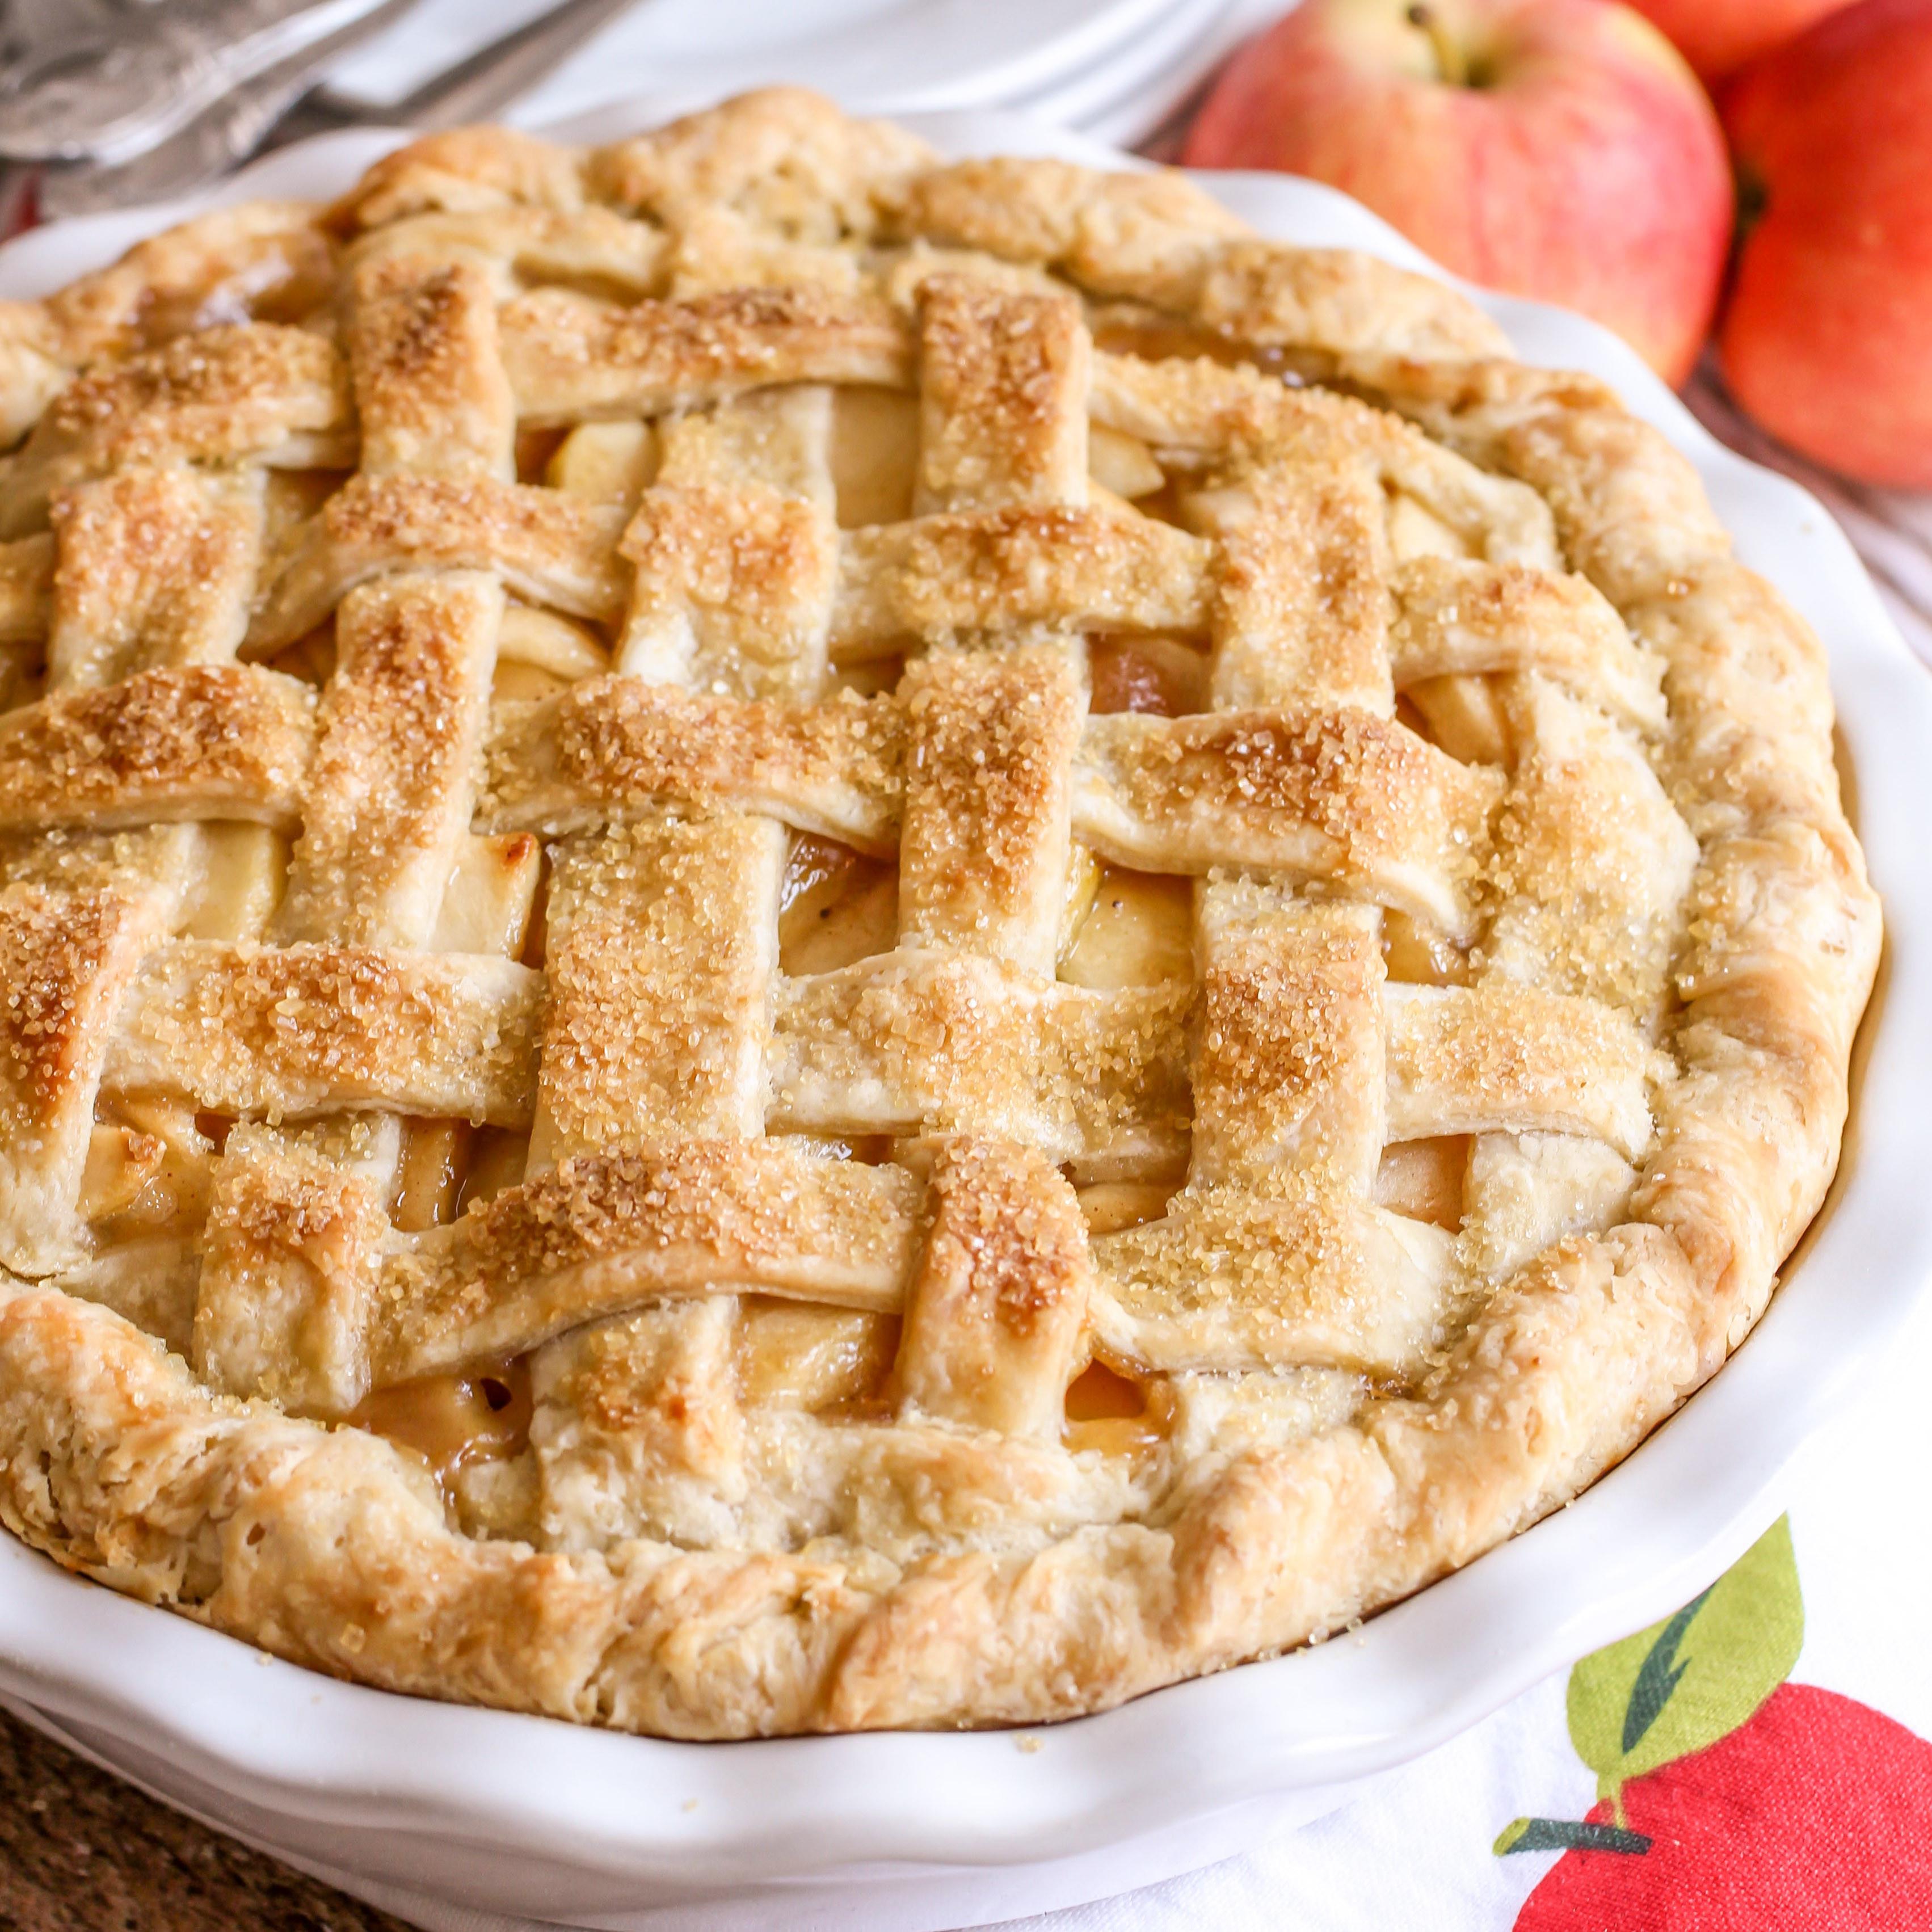 Apple Pie Ingredients  BEST Homemade Apple Pie Step by Step VIDEO